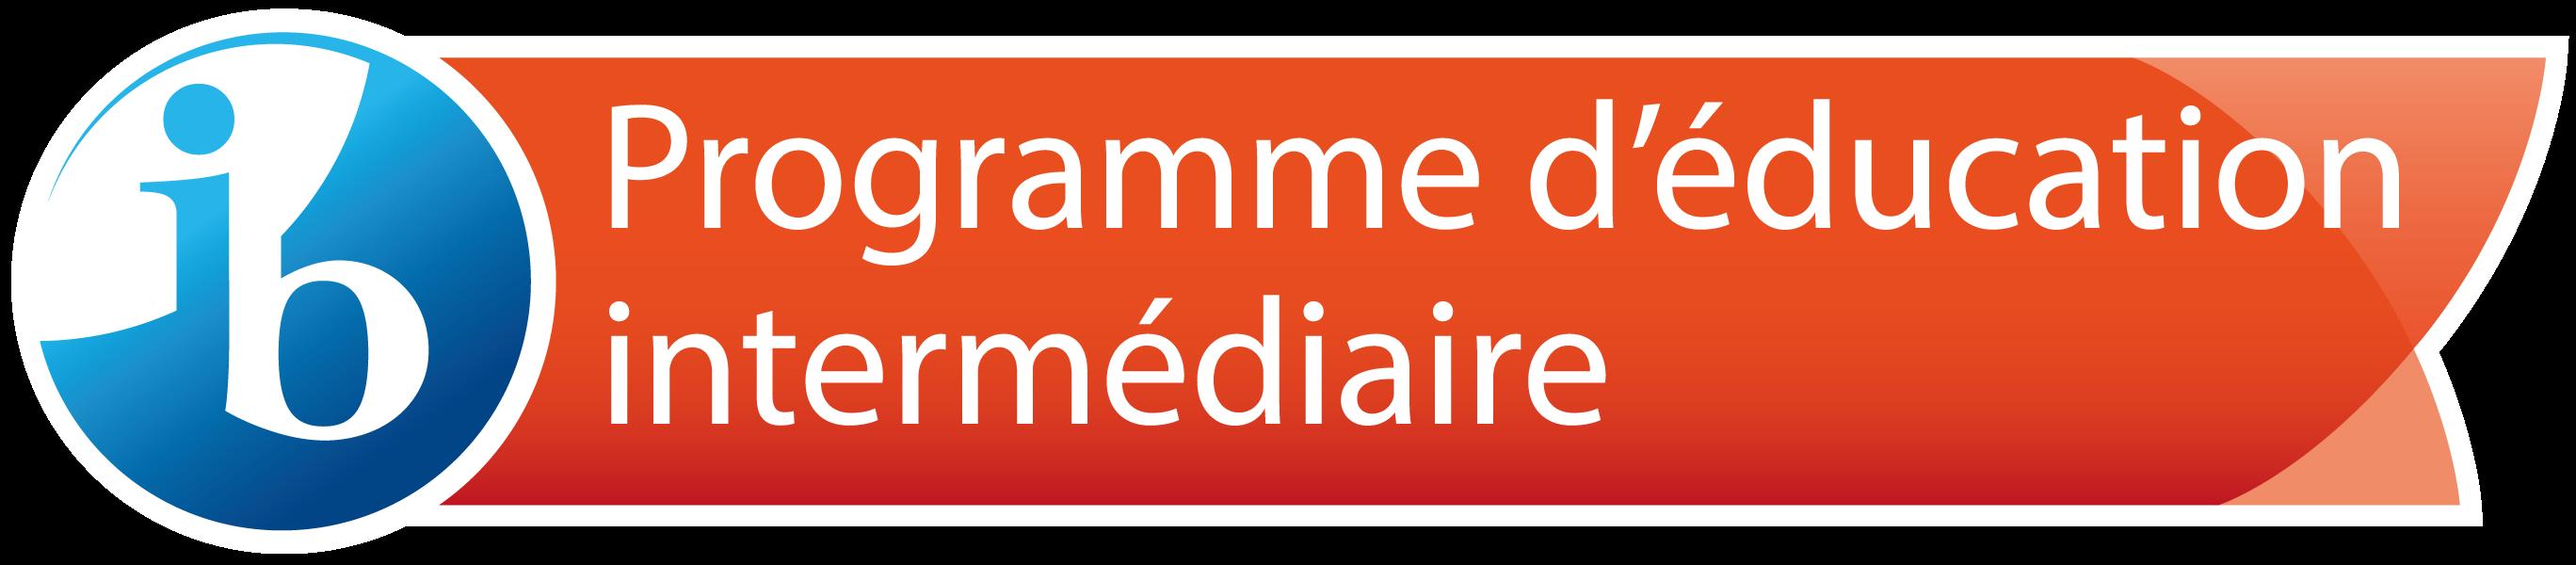 Admission et inscription cole joseph fran ois perrault for Inscription d et co